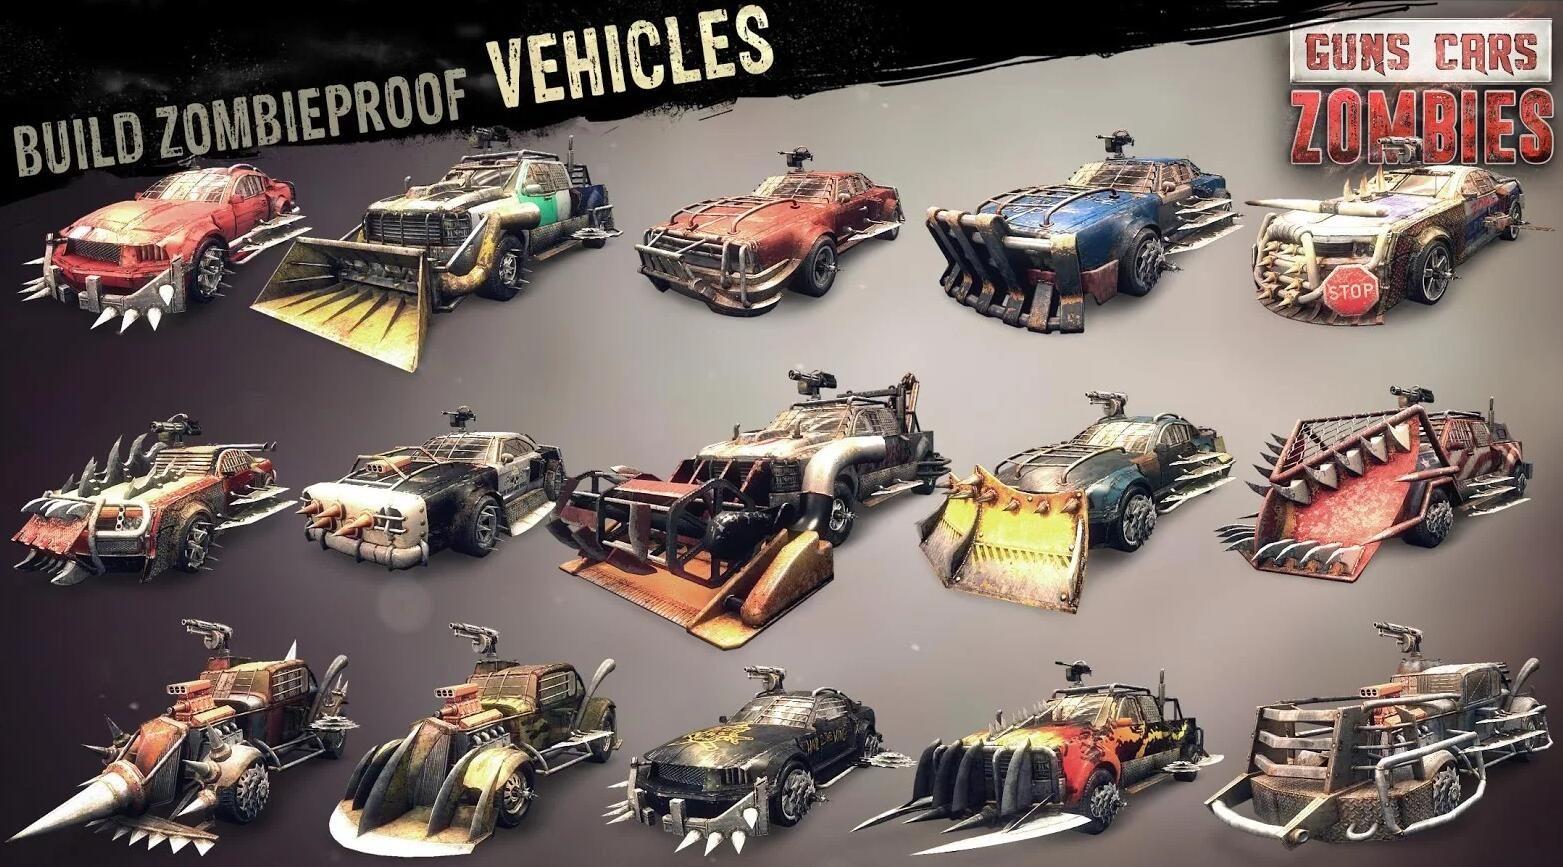 僵尸碾压者安卓官方版游戏下载(Guns Cars and Zombies)图3: